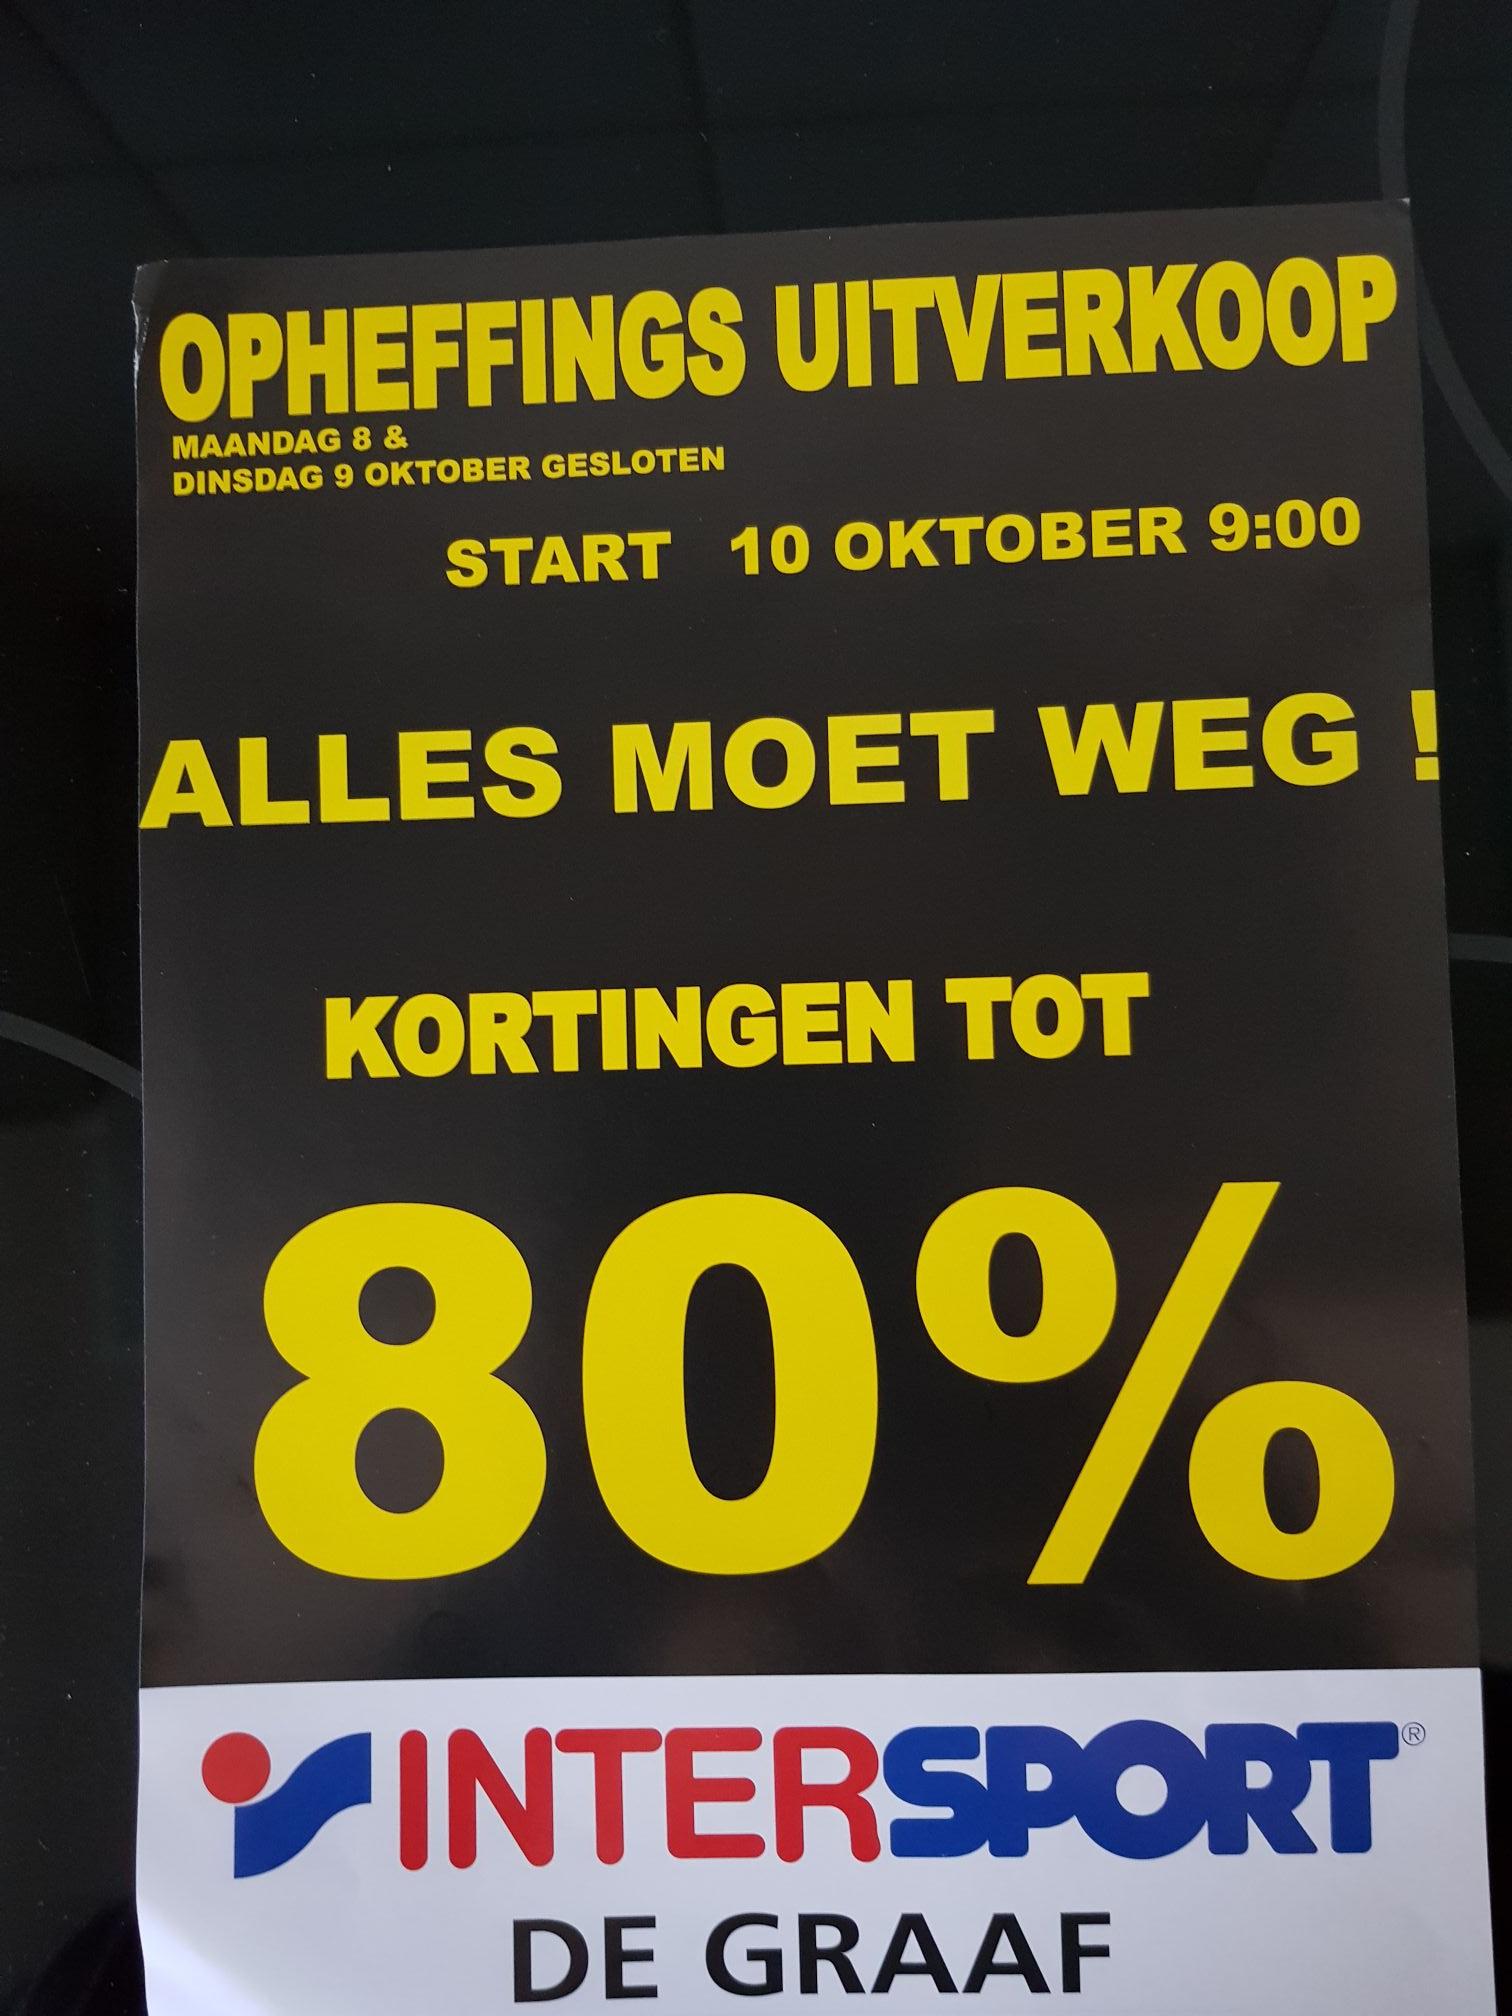 Opheffings uitverkoop bij Intersport Schagen vanaf woensdag 10 oktober.